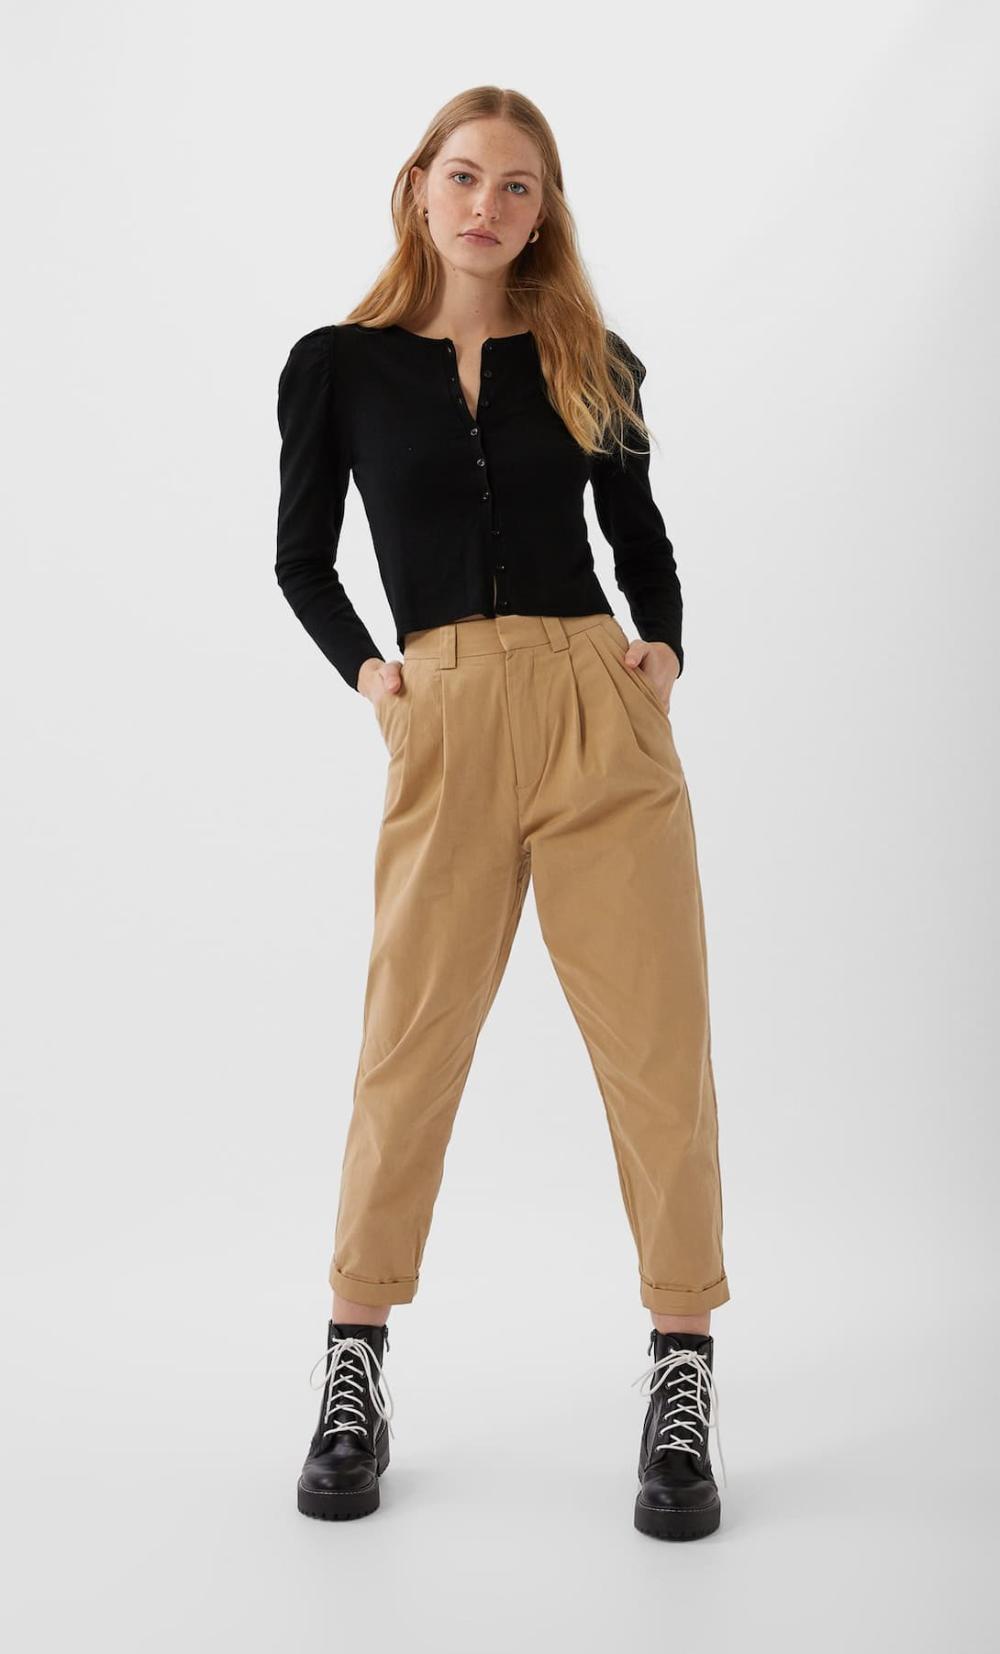 Pantalon Slouchy Pinzas Pantalones De Mujer Stradivarius Espana Pantalones Con Pinzas Mujer Pantalones Con Pinzas Pantalones Anchos